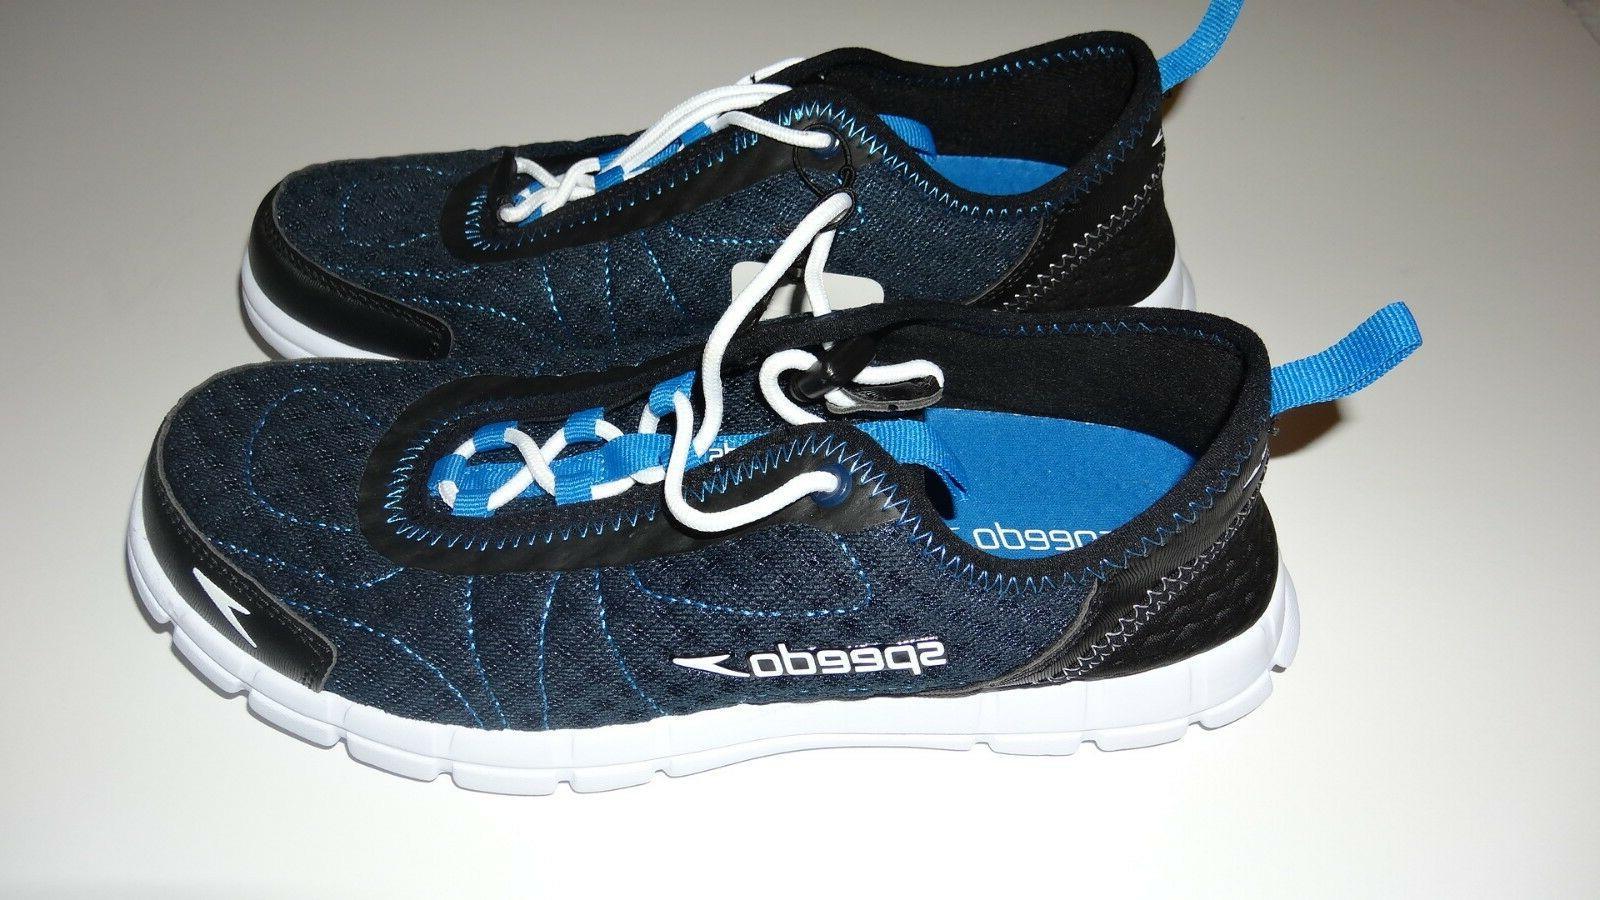 New Speedo Watercross Shoe with drainage Navy/White